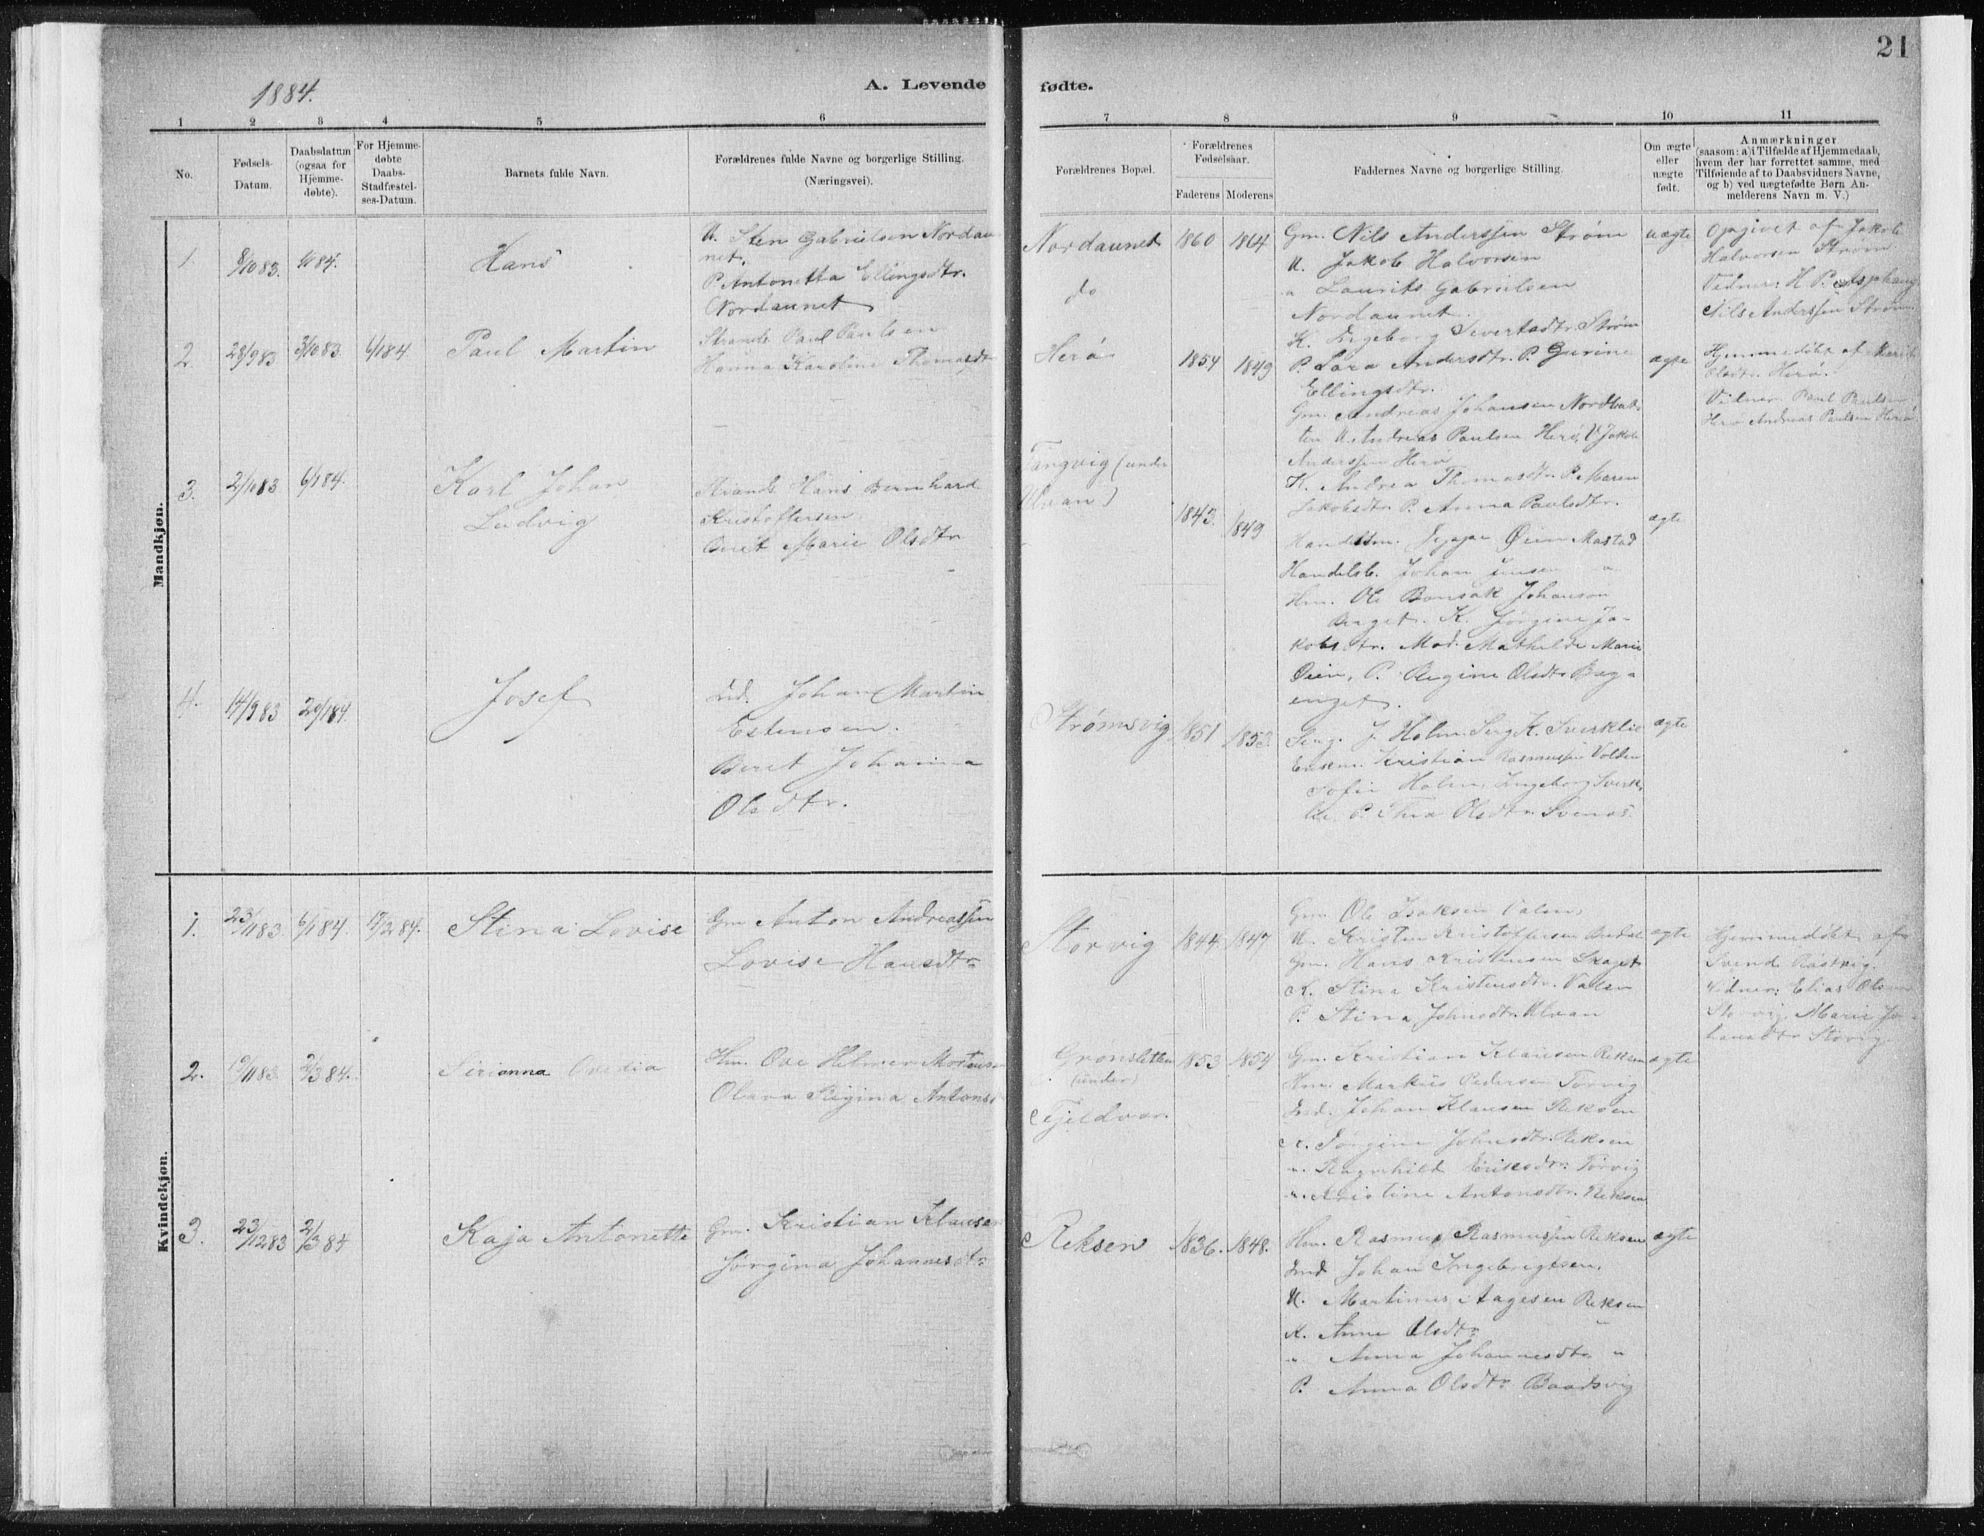 SAT, Ministerialprotokoller, klokkerbøker og fødselsregistre - Sør-Trøndelag, 637/L0558: Ministerialbok nr. 637A01, 1882-1899, s. 21